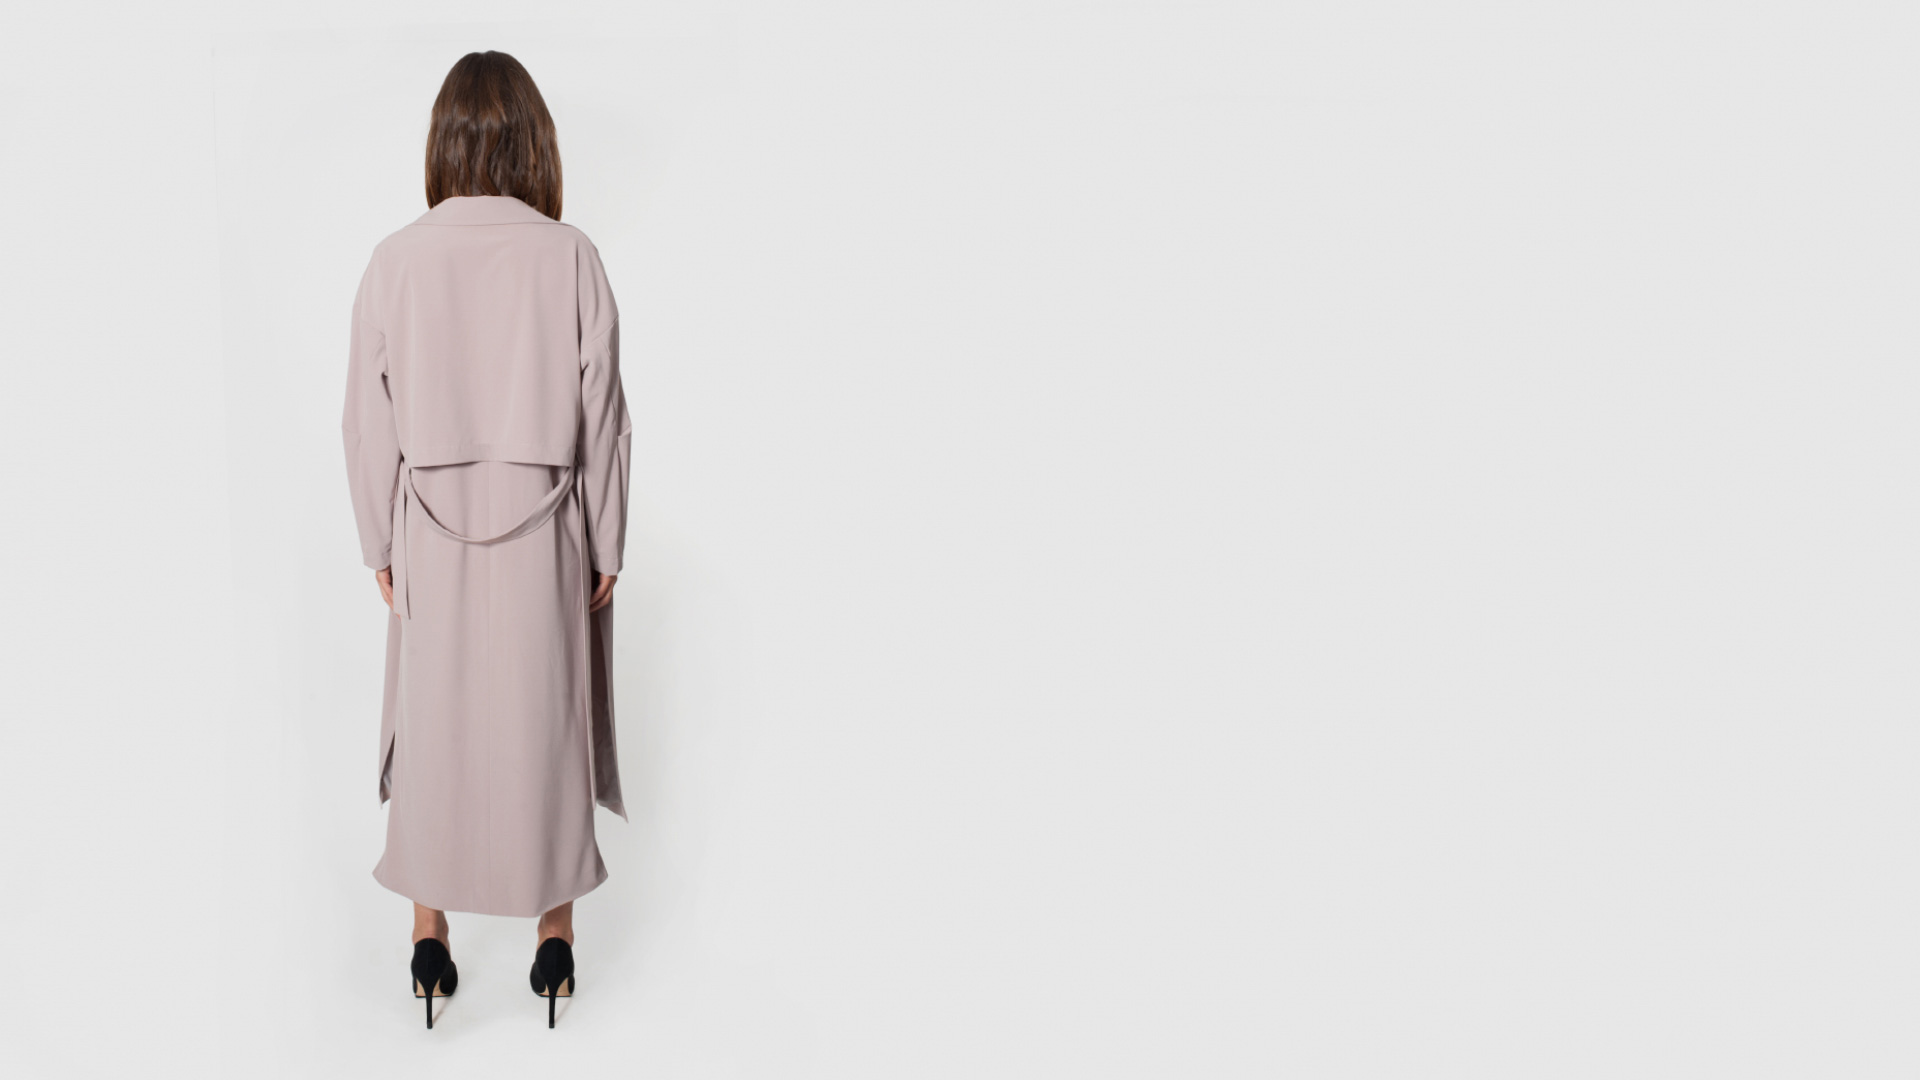 płaszcz różowy z kieszeniami